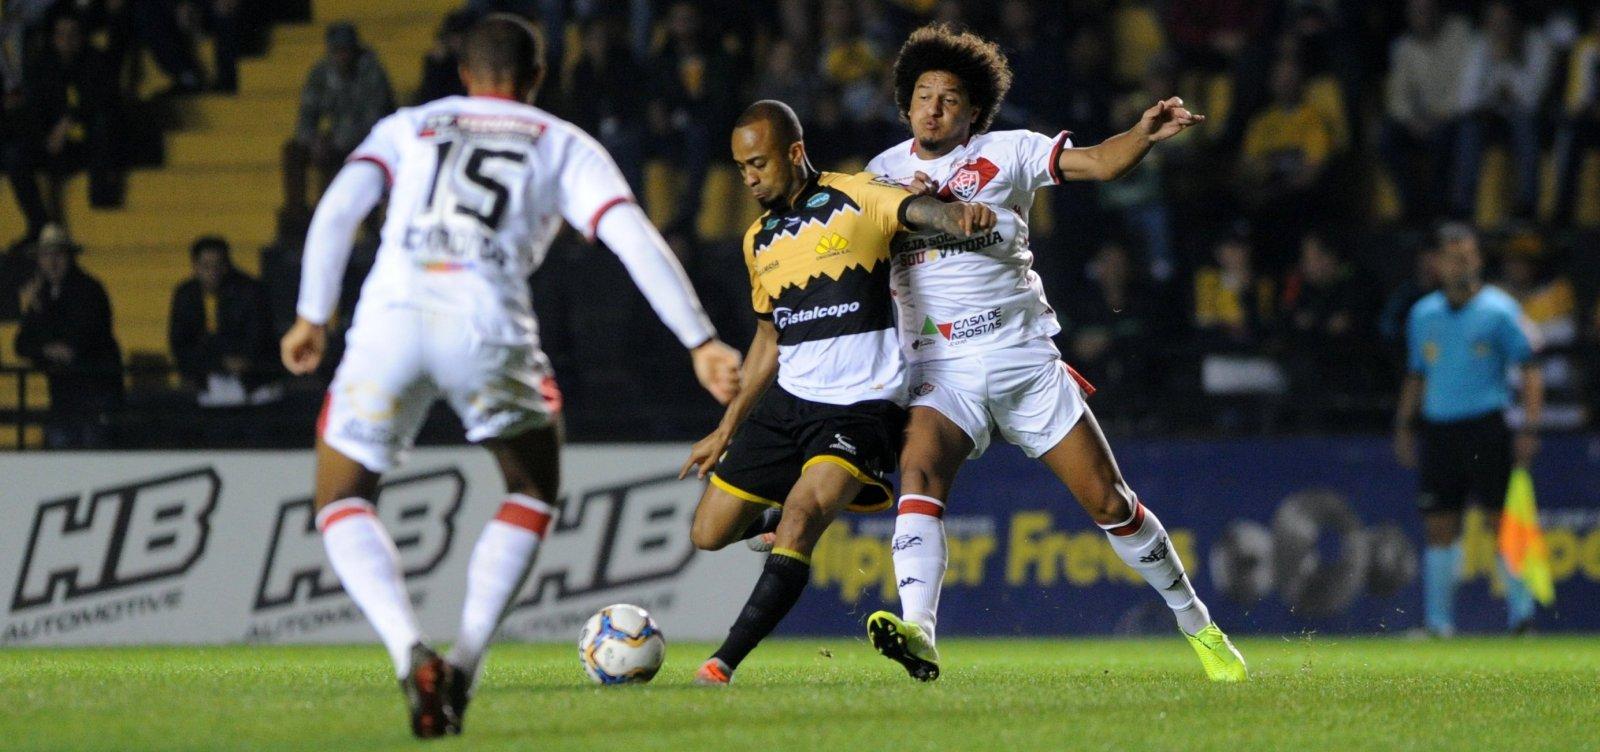 Vitória arranca empate em 1 a 1 com Criciúma fora de casa na Série B